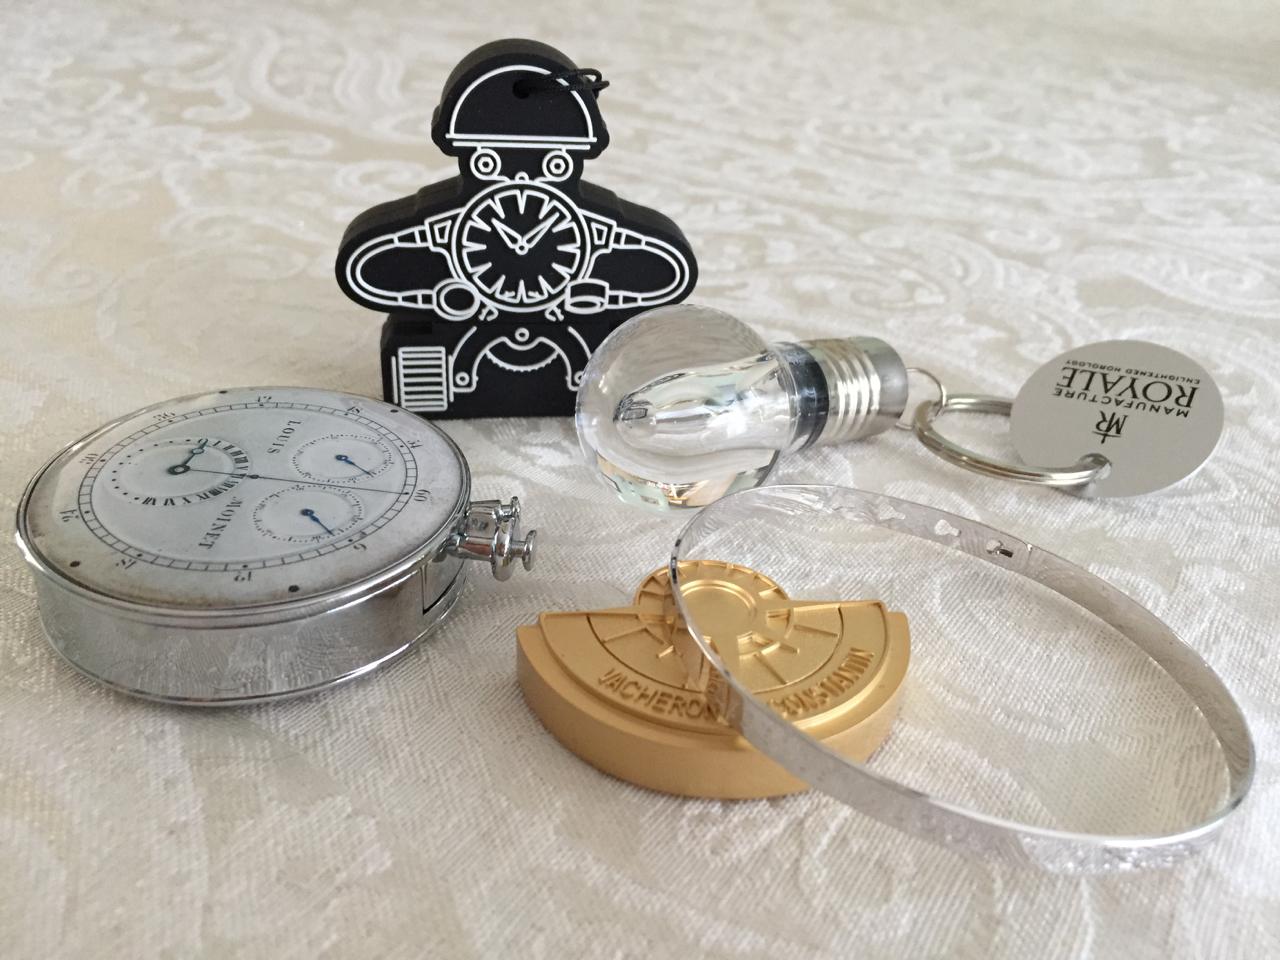 SIHH 2016 and Geneva USB keys